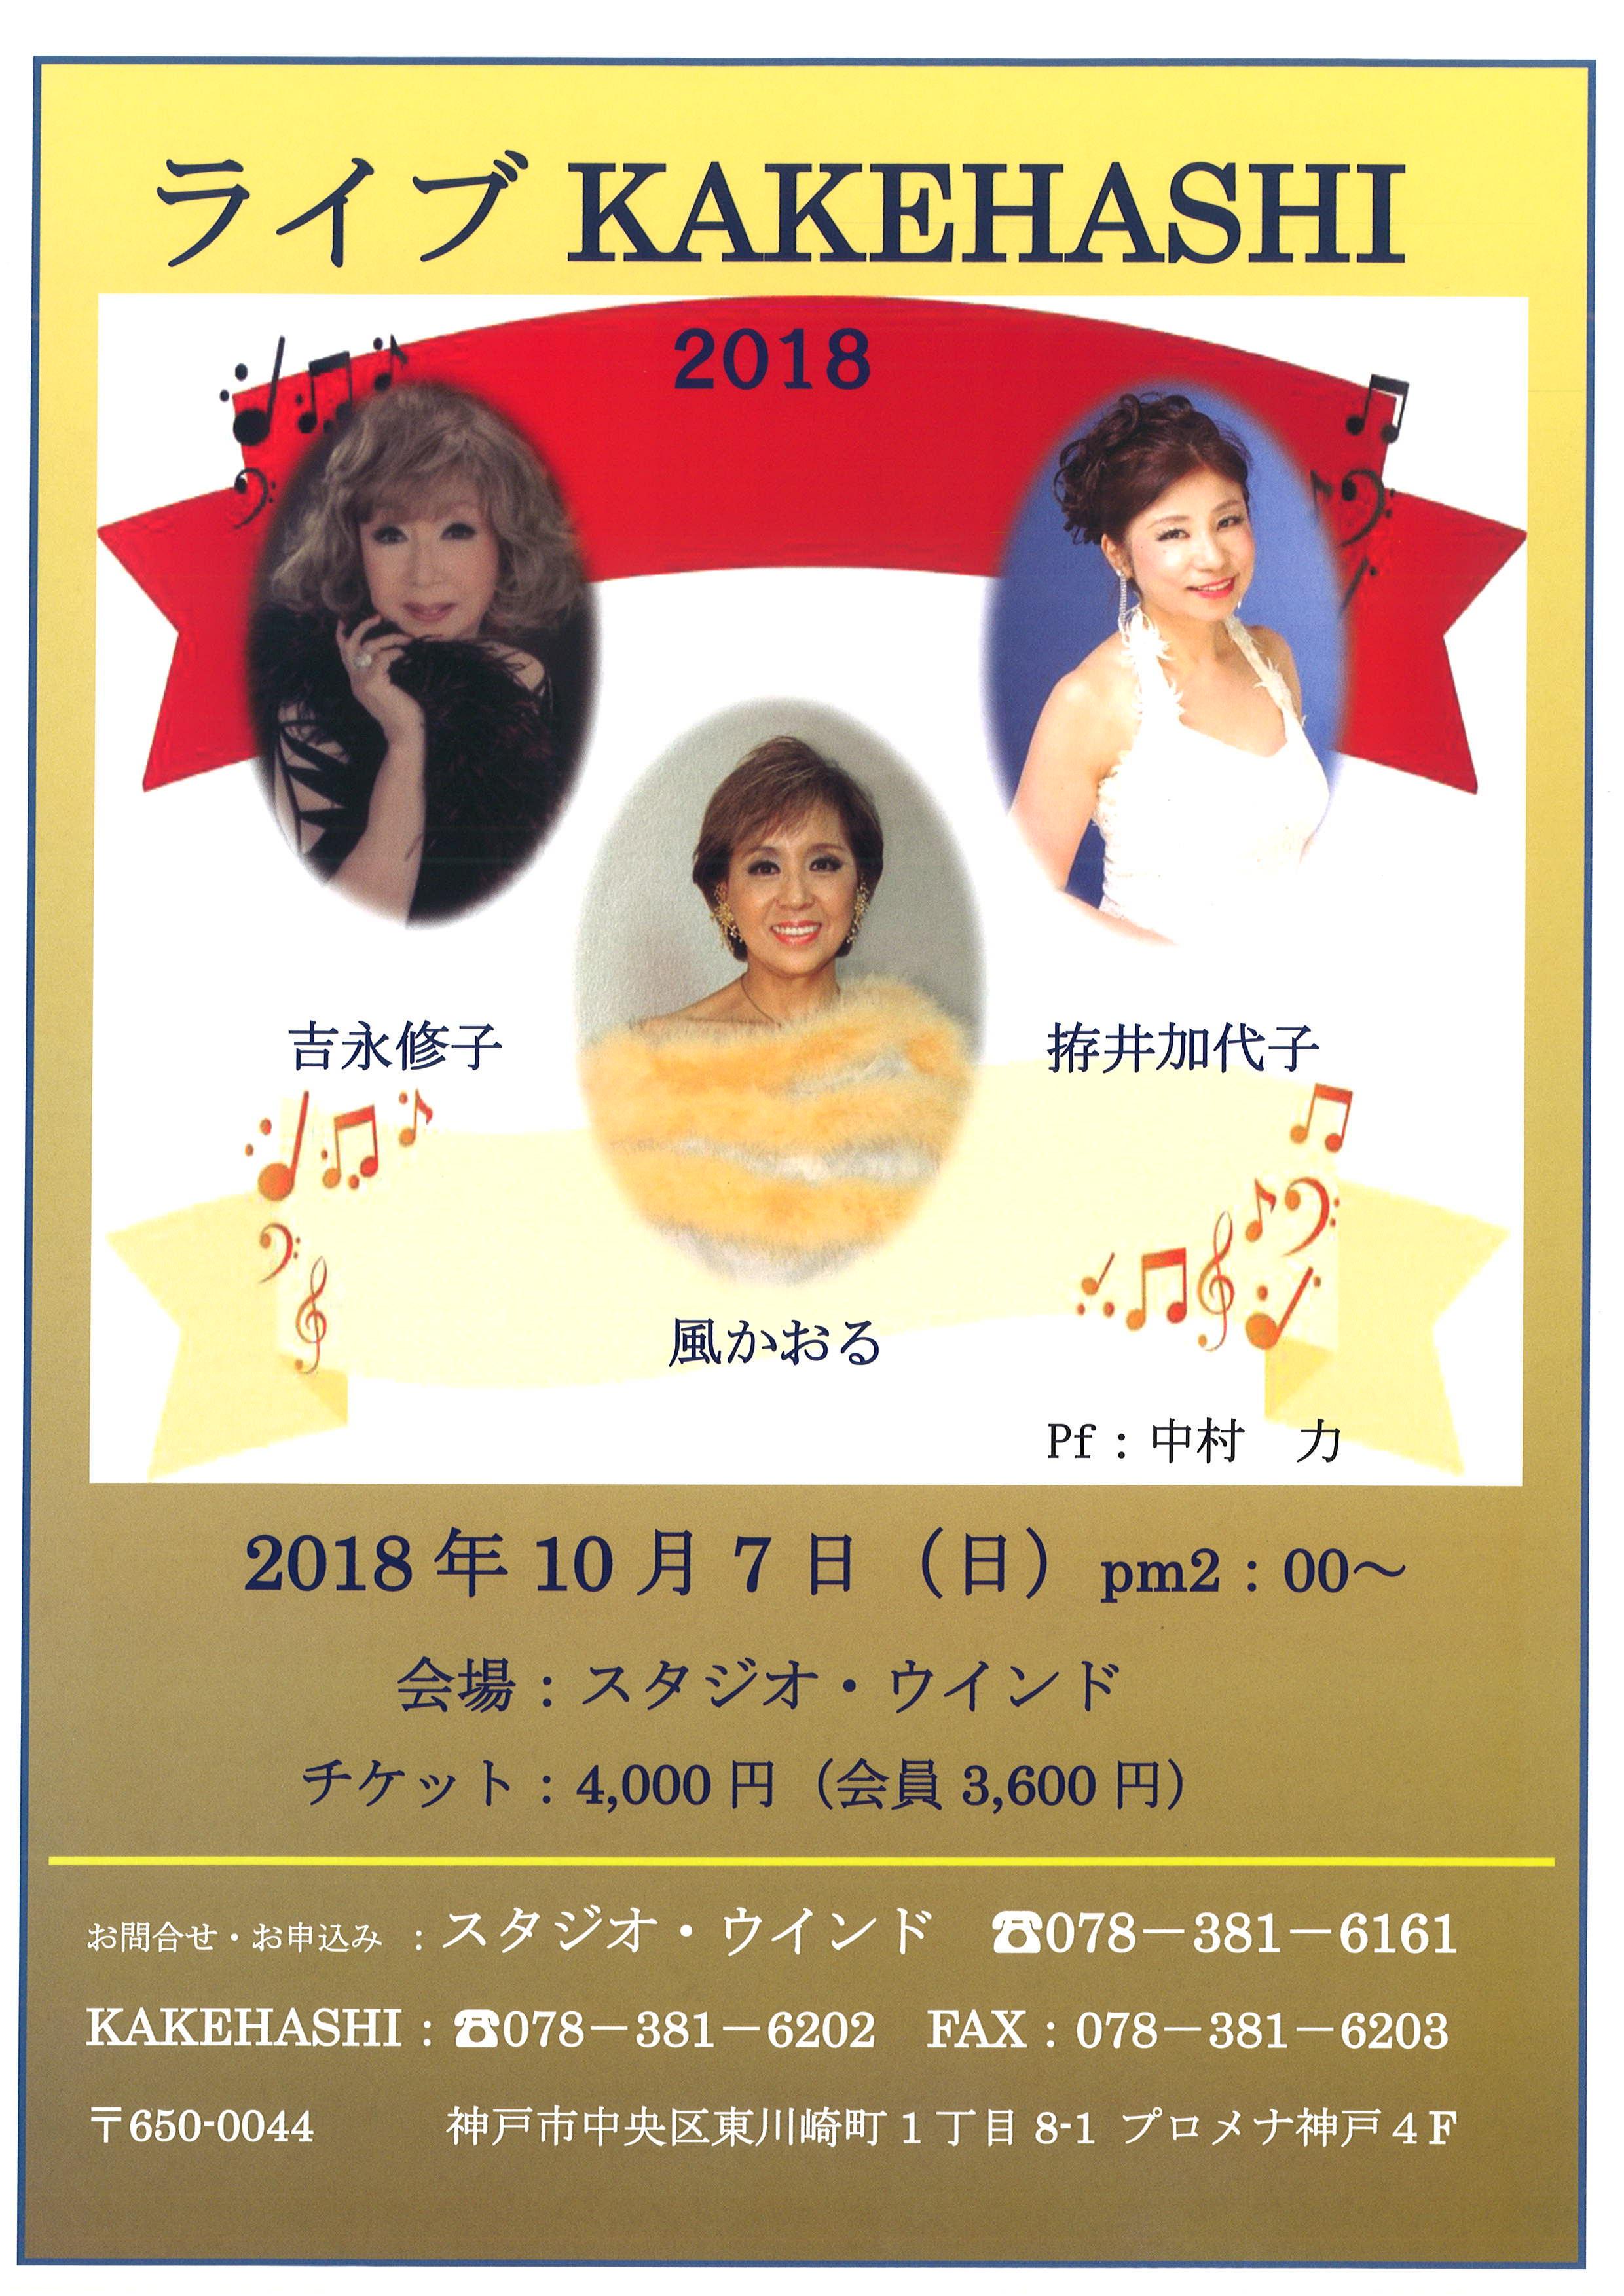 ライブKAKEHASHI2018.jpg